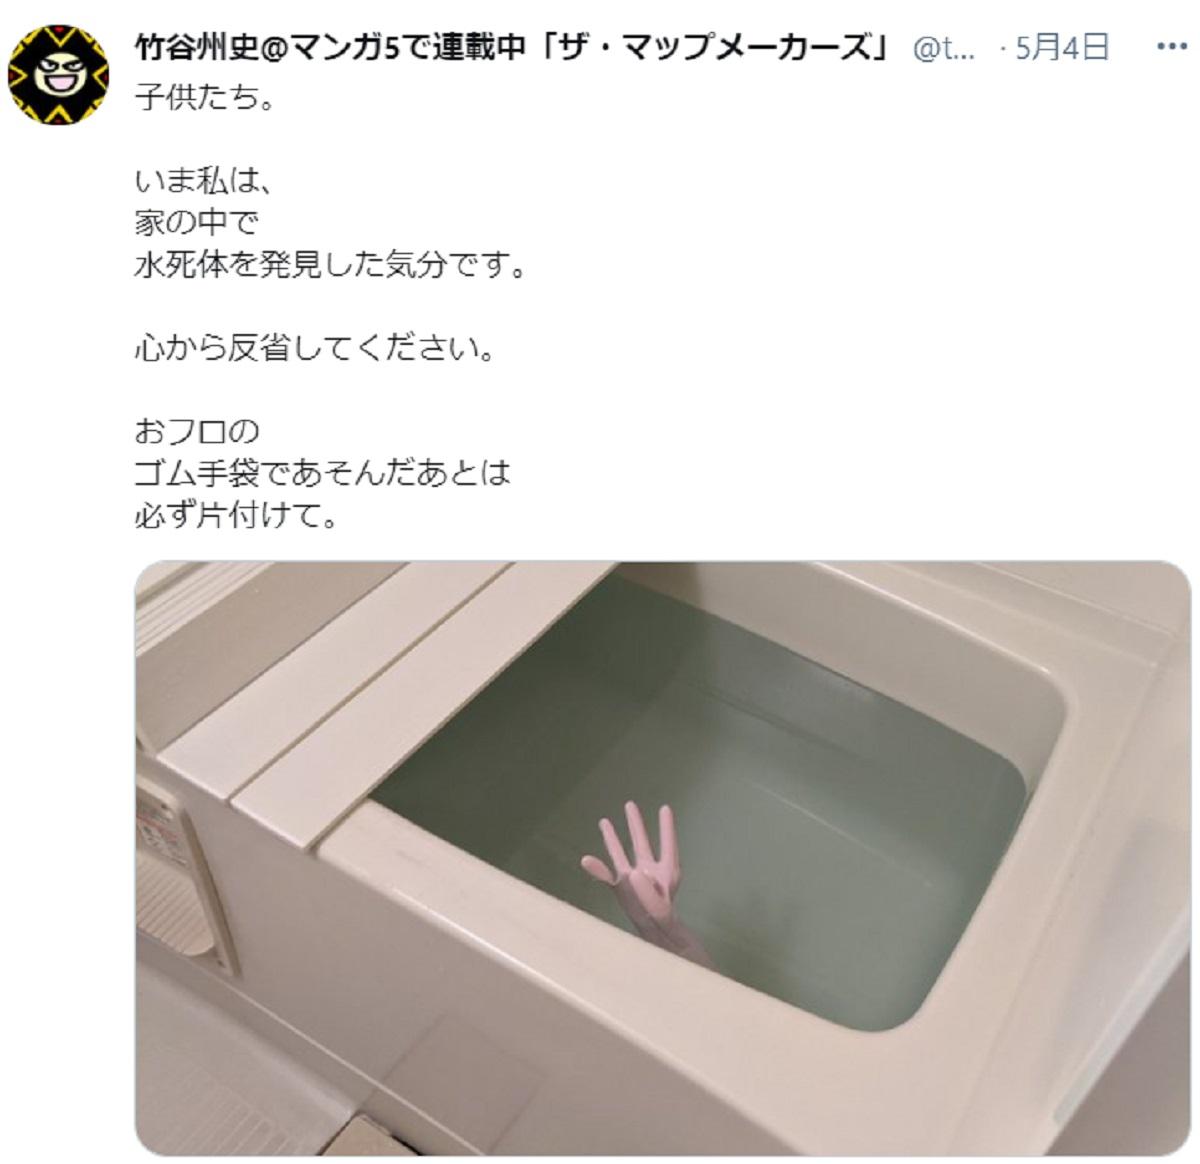 浴槽の中から伸びる手にドキッ 正体はまさかのゴム手袋にホッ